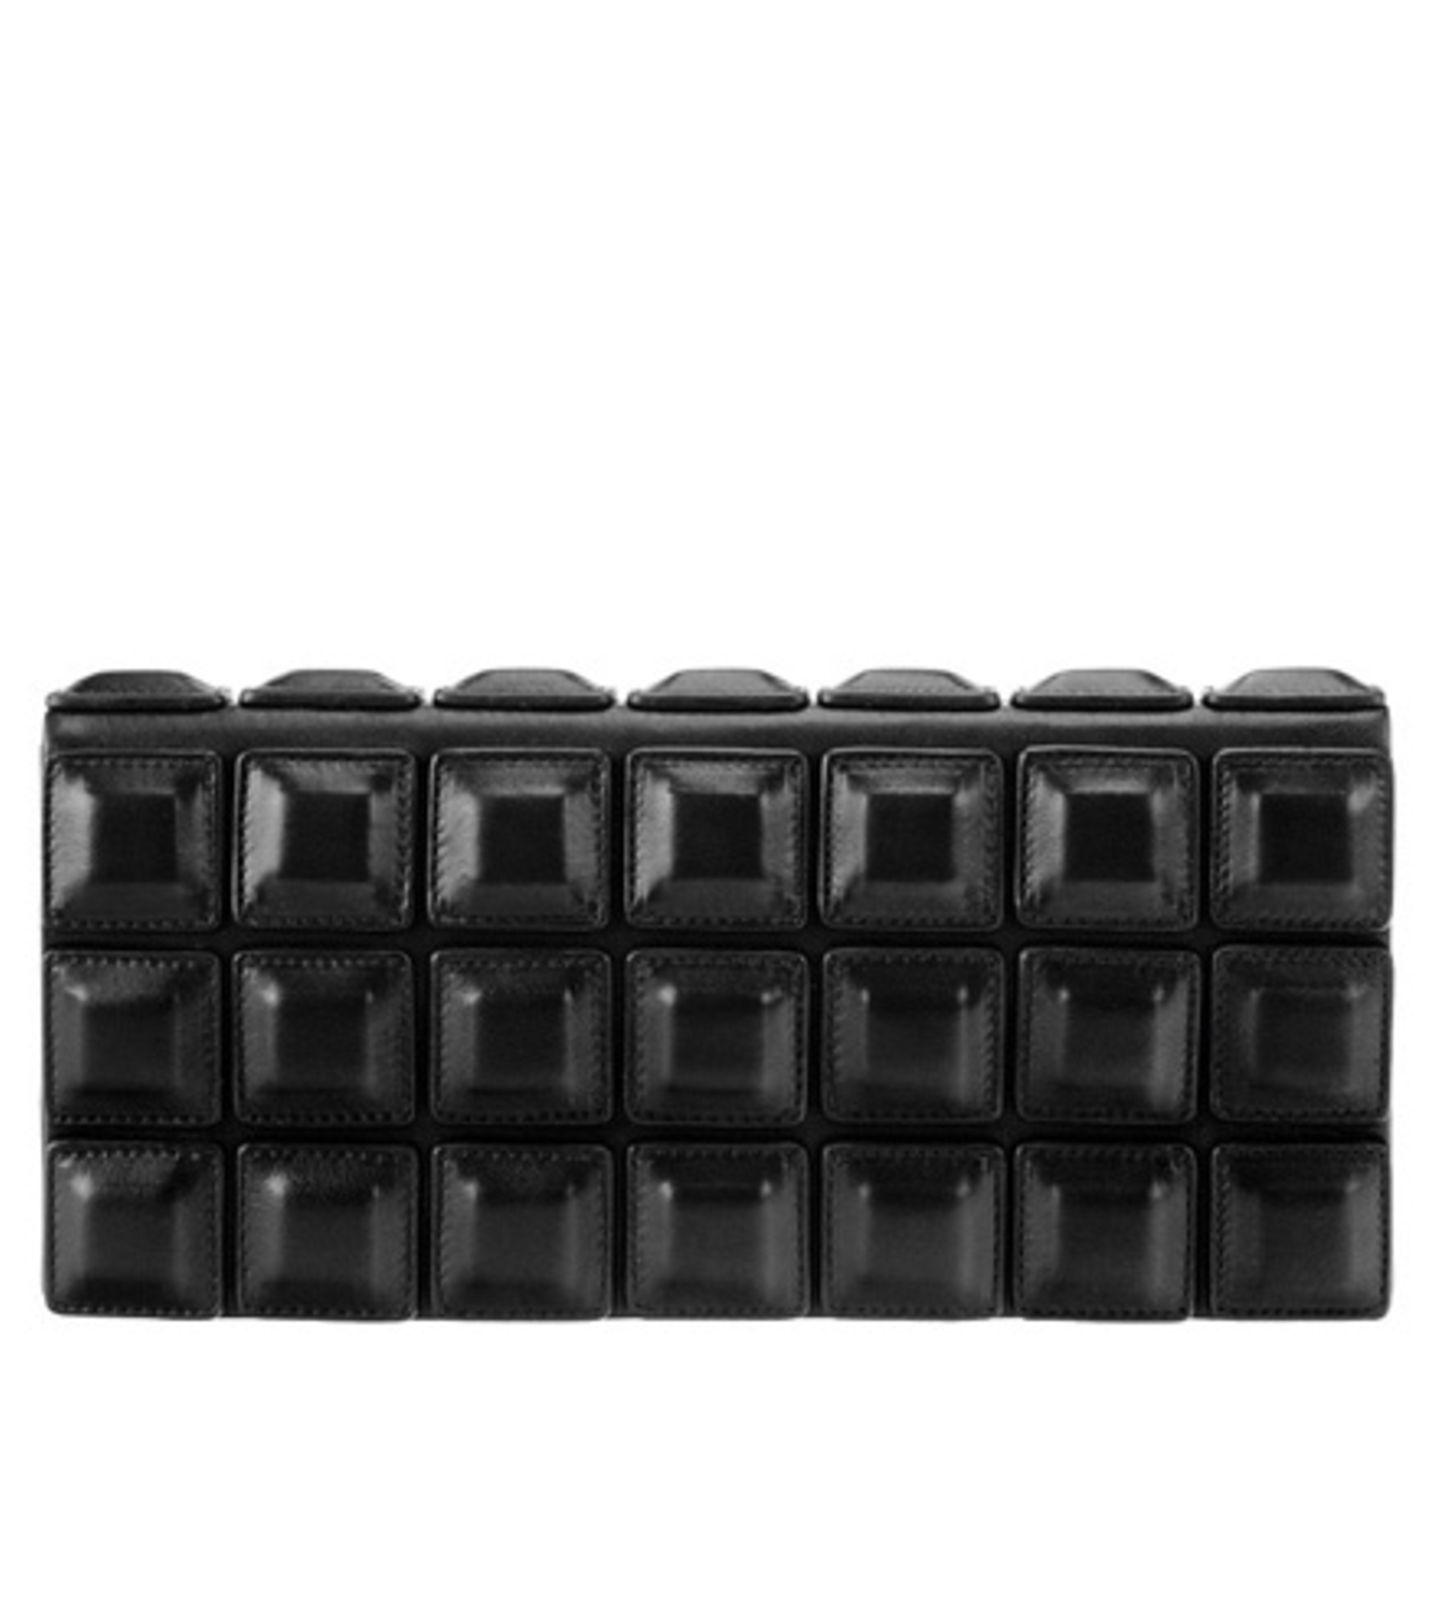 Accessoires in Schwarz & Weiß - Boss Black, ca. 330 Euro